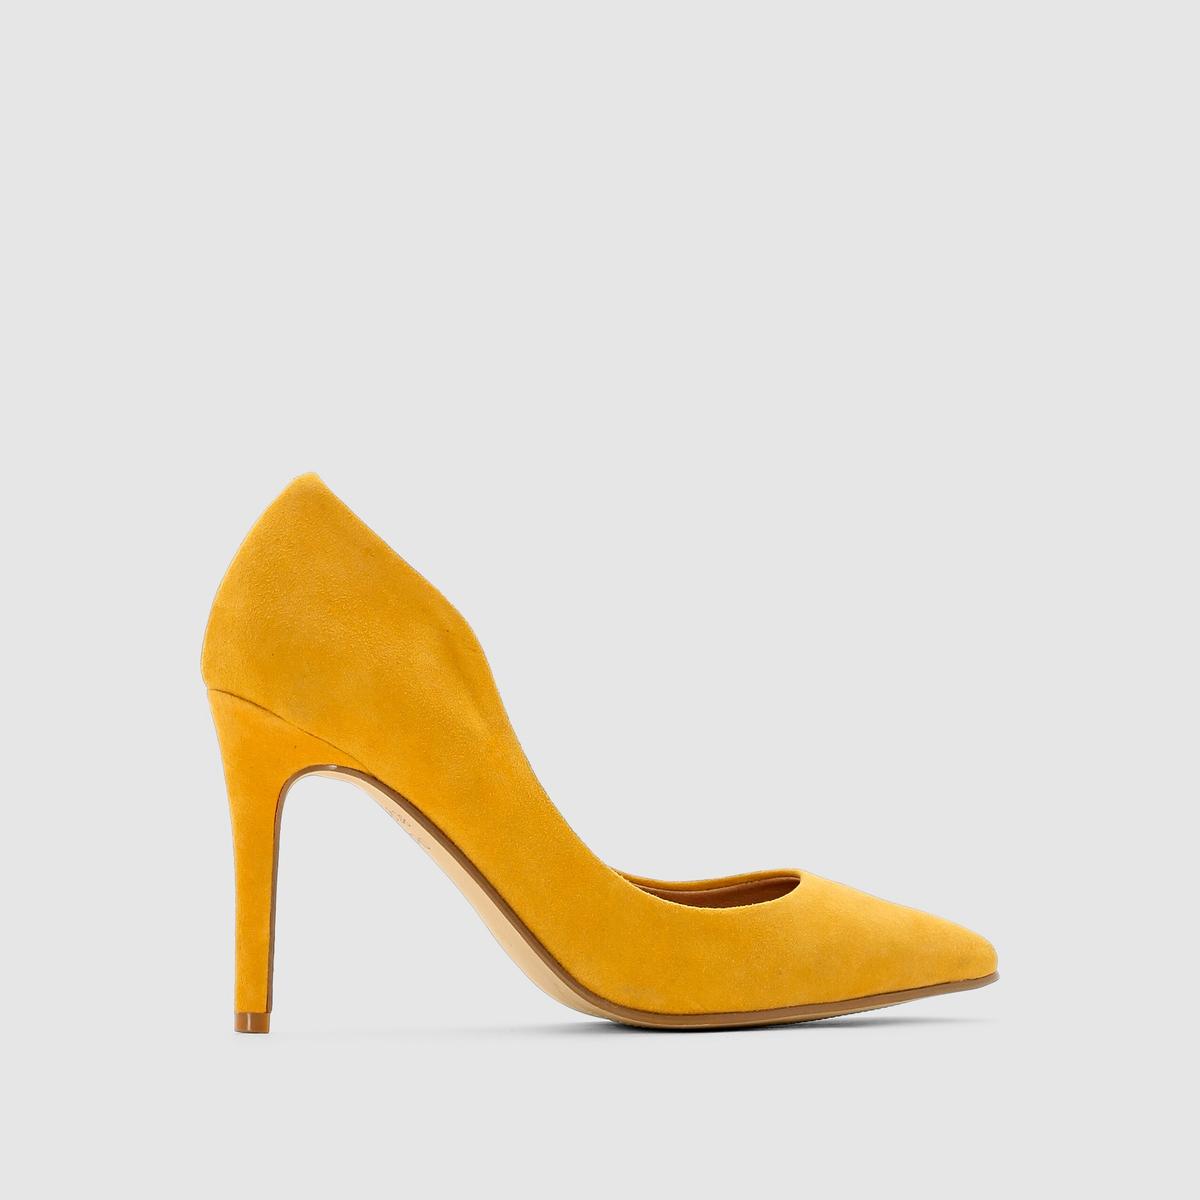 Туфли кожаные на высоком каблукеКомфорт и натуральный материал, элегантность ультраженственной линии.Мы рекомендуем Вам заказывать модель на размер больше Вашего обычного размера.<br><br>Цвет: желтый<br>Размер: 35.39.37.36